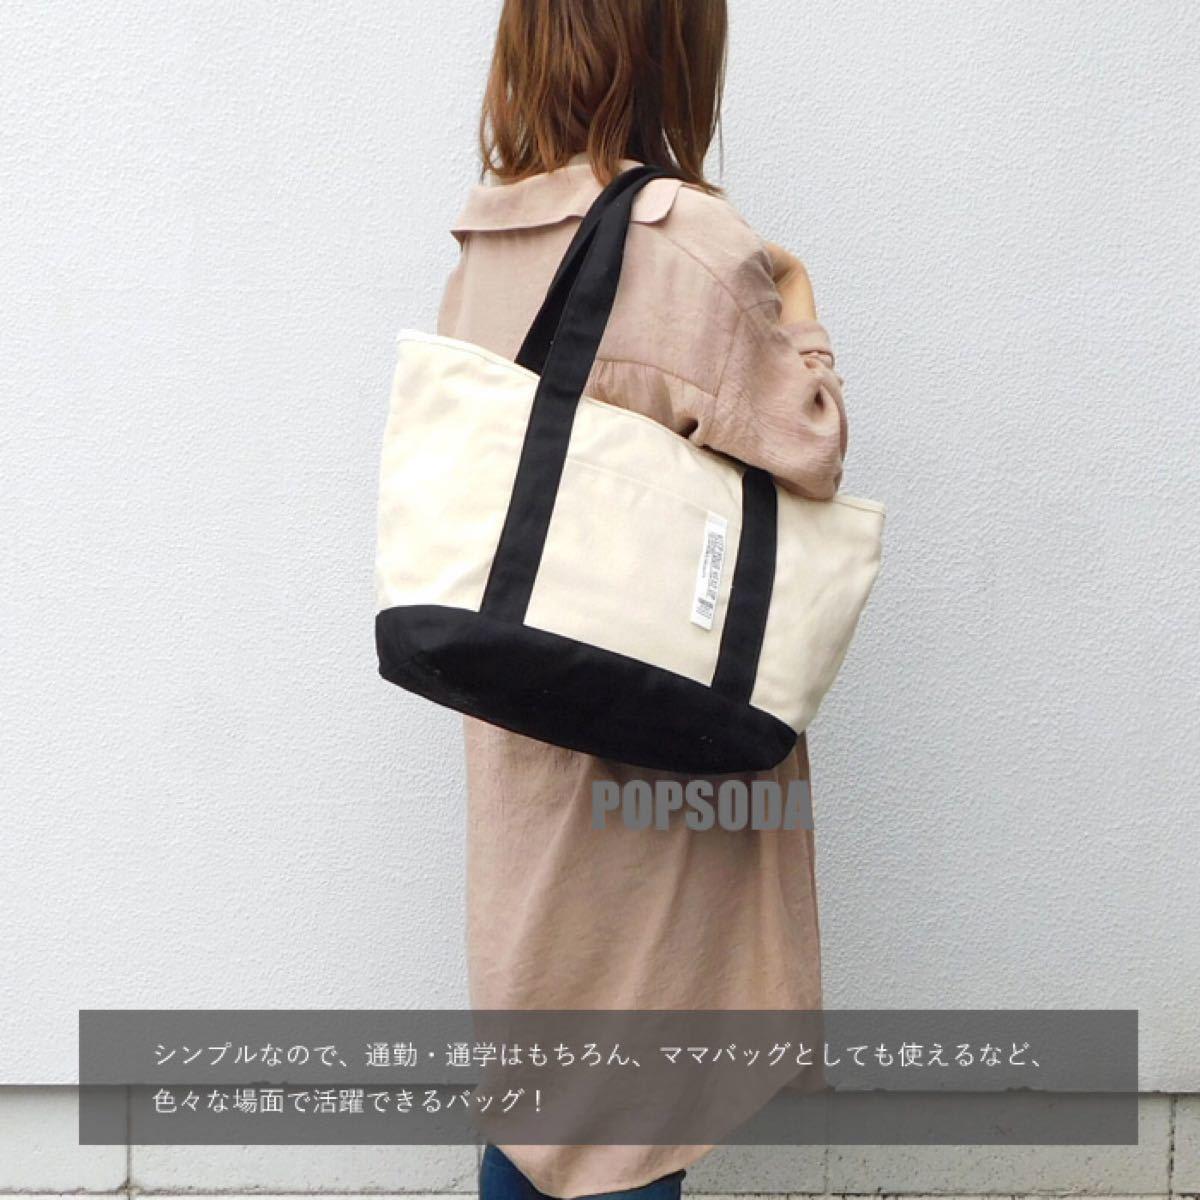 送料無料 コットン トートバッグ レディース メンズ 大容量 ボストンバッグ 黒 通勤 通学バッグ バッグ エコバッグ キャンバス